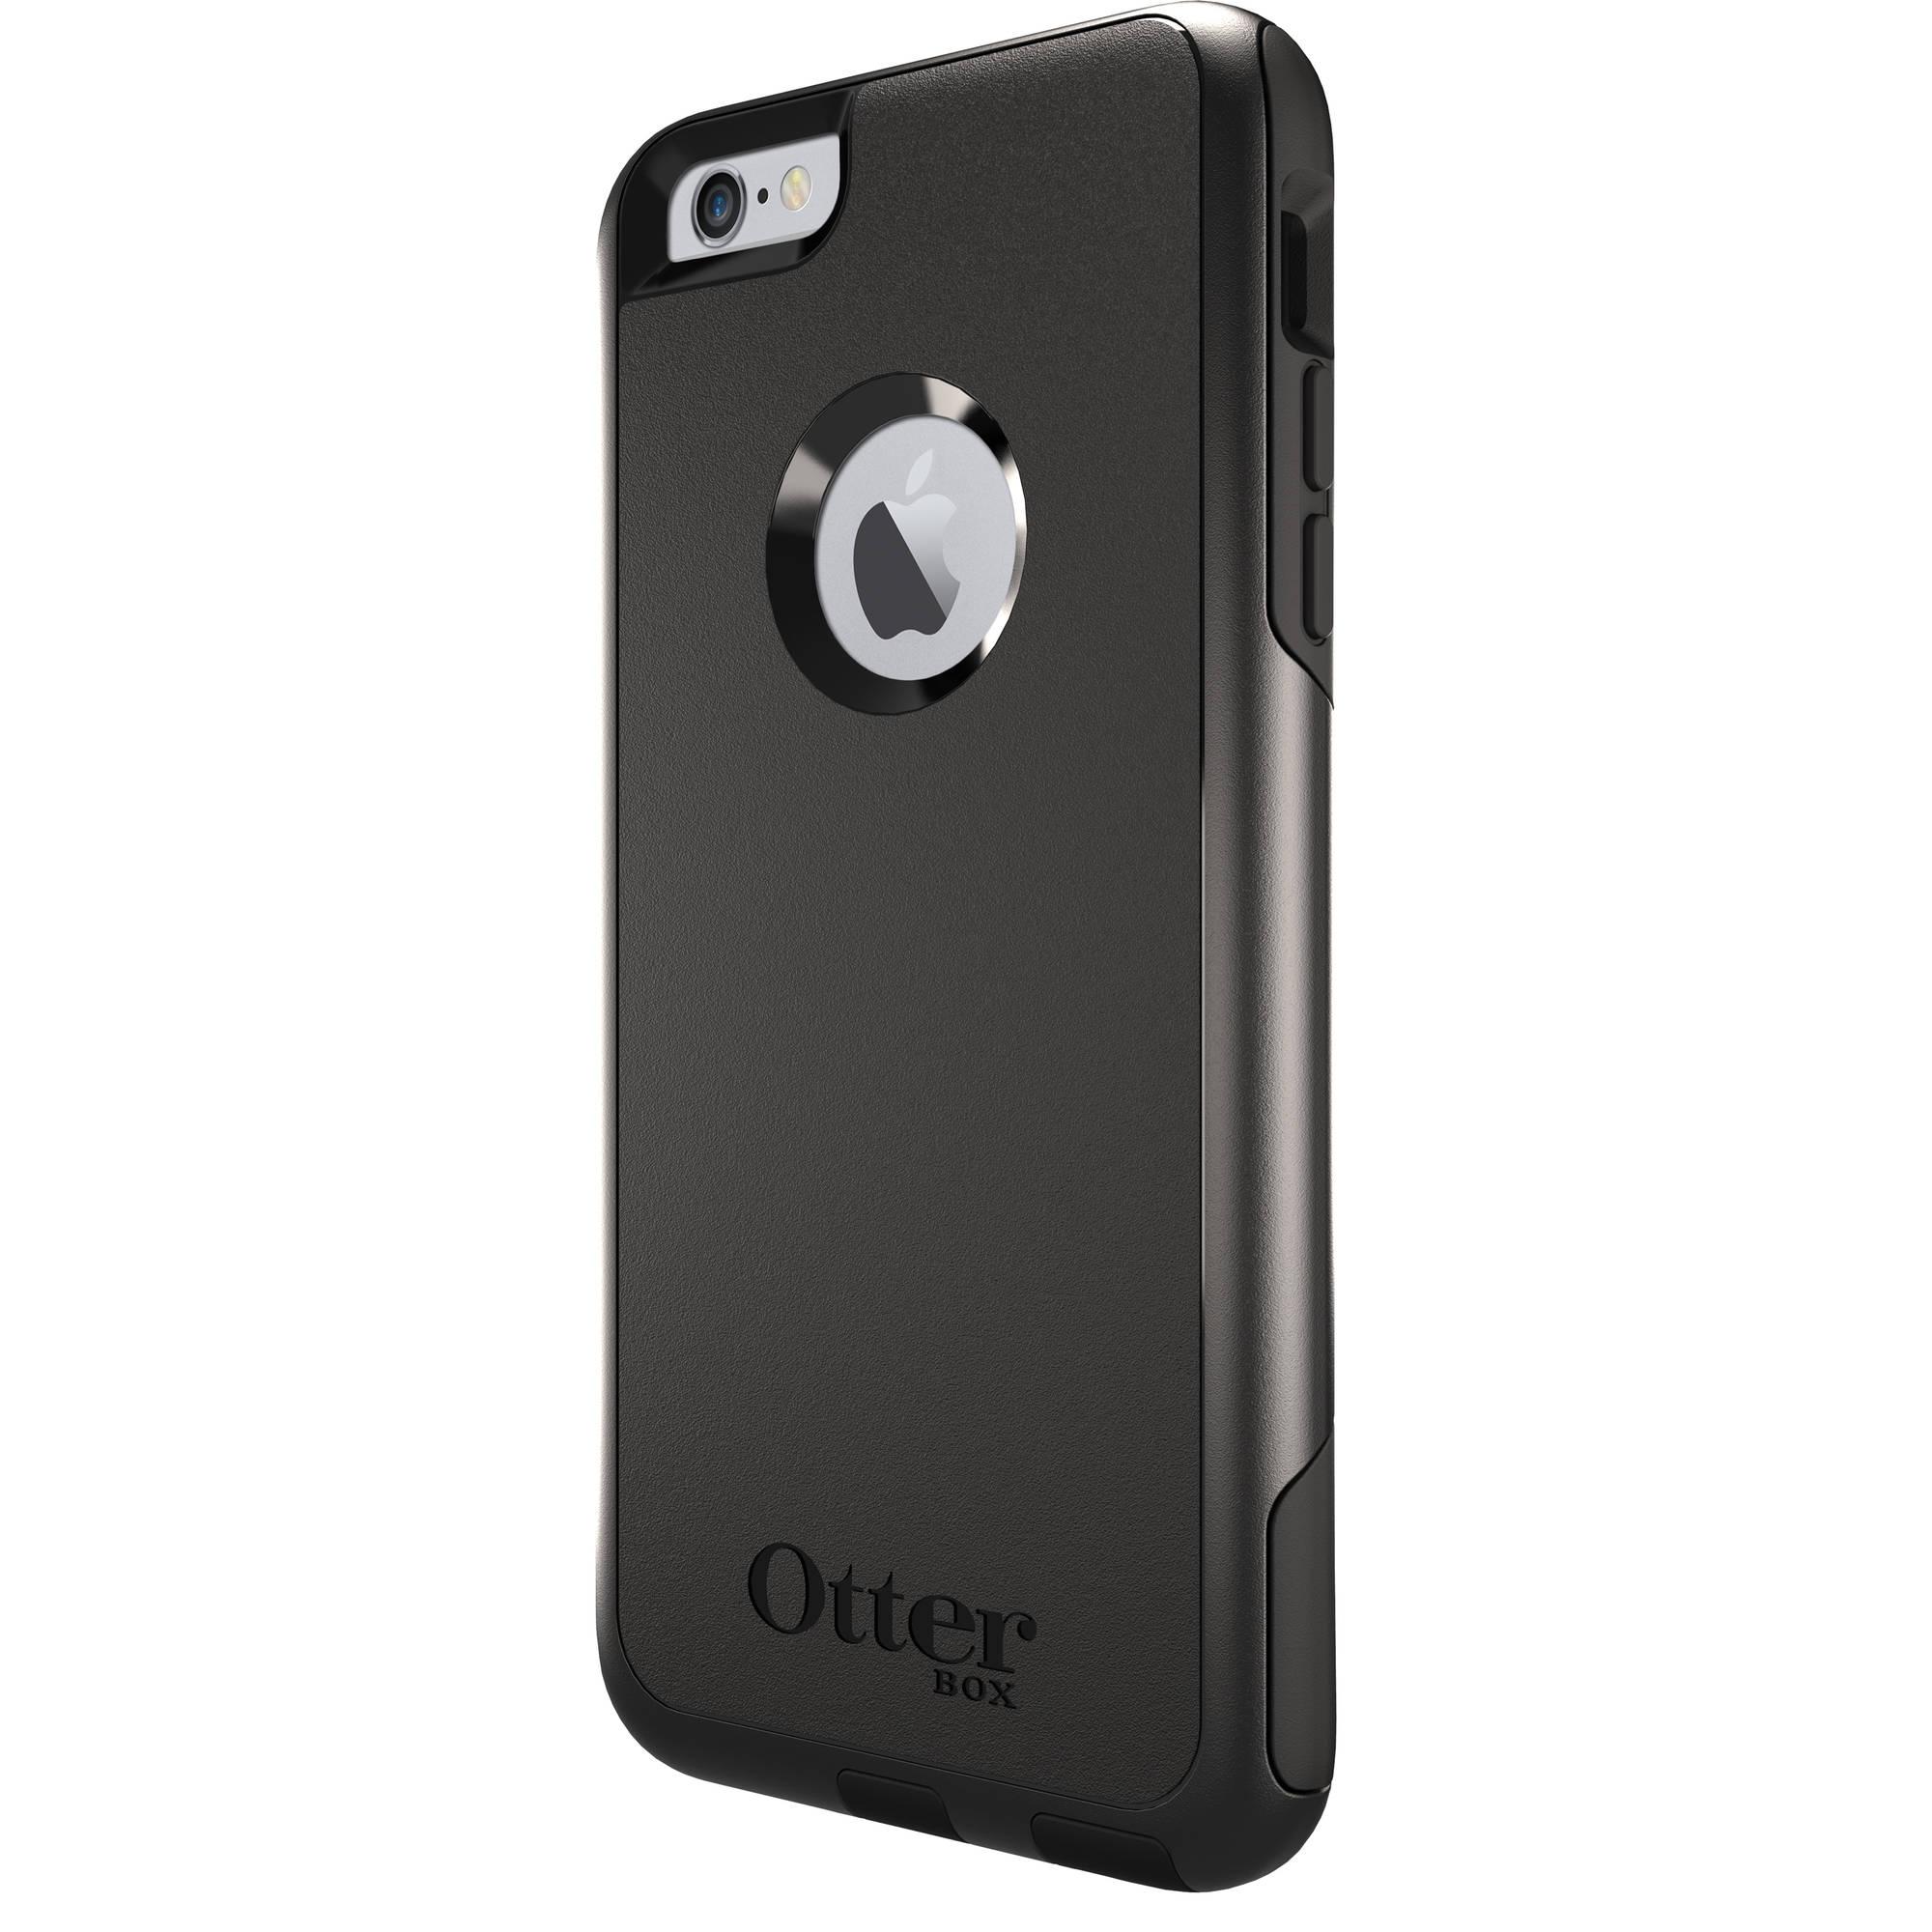 separation shoes cef3d 54a2e iPhone 6 plus Otterbox commuter case, black